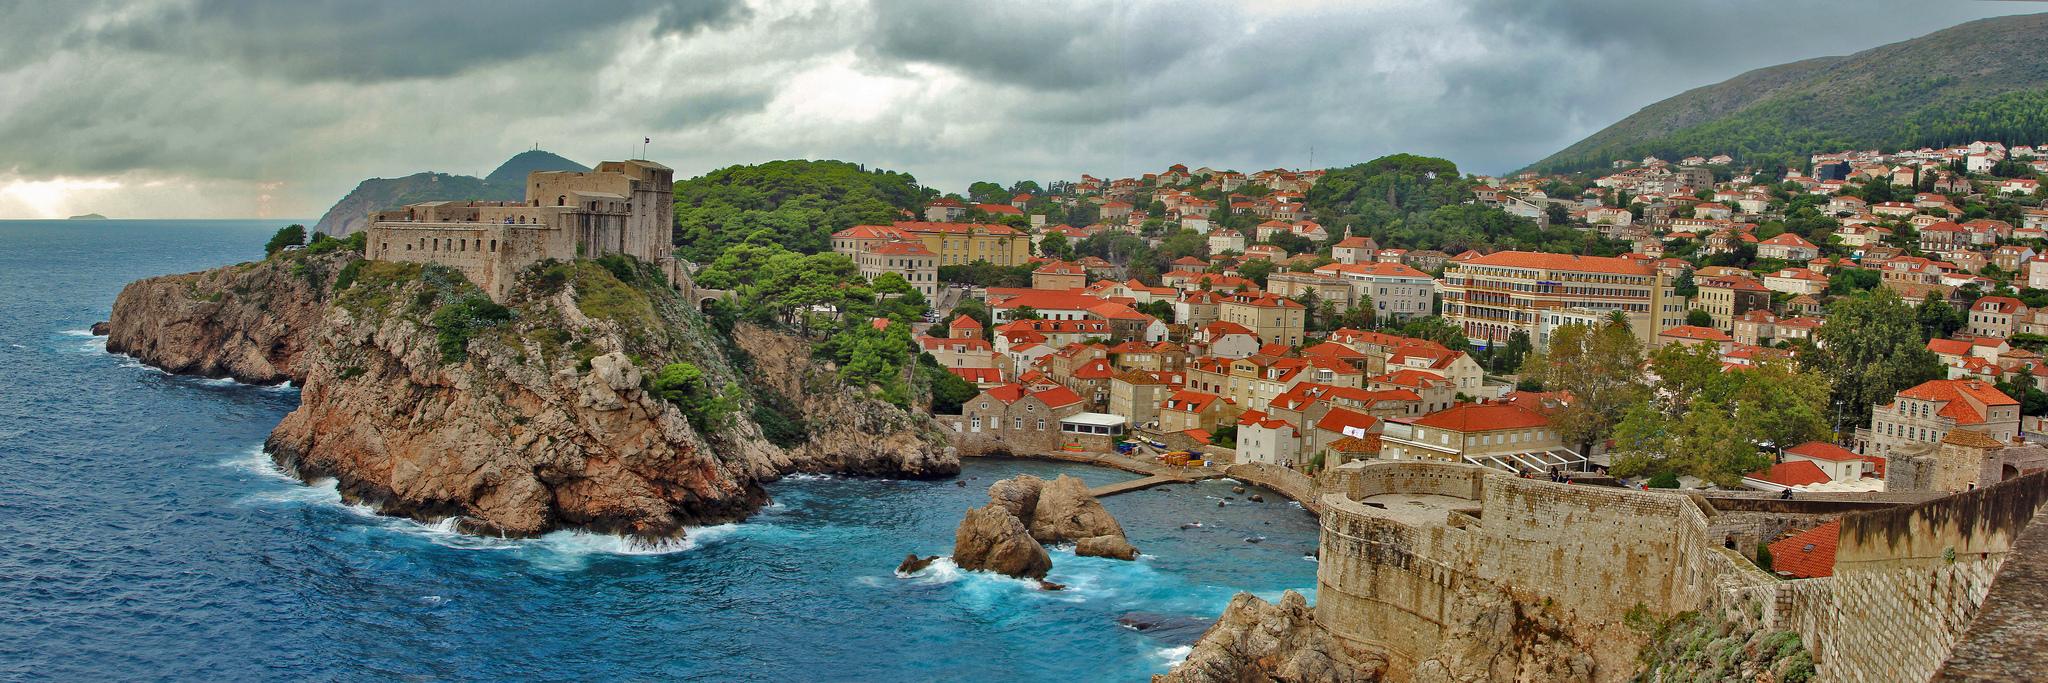 dubrovnik croacia 50 cidades para ver antes de morrer curiosidades